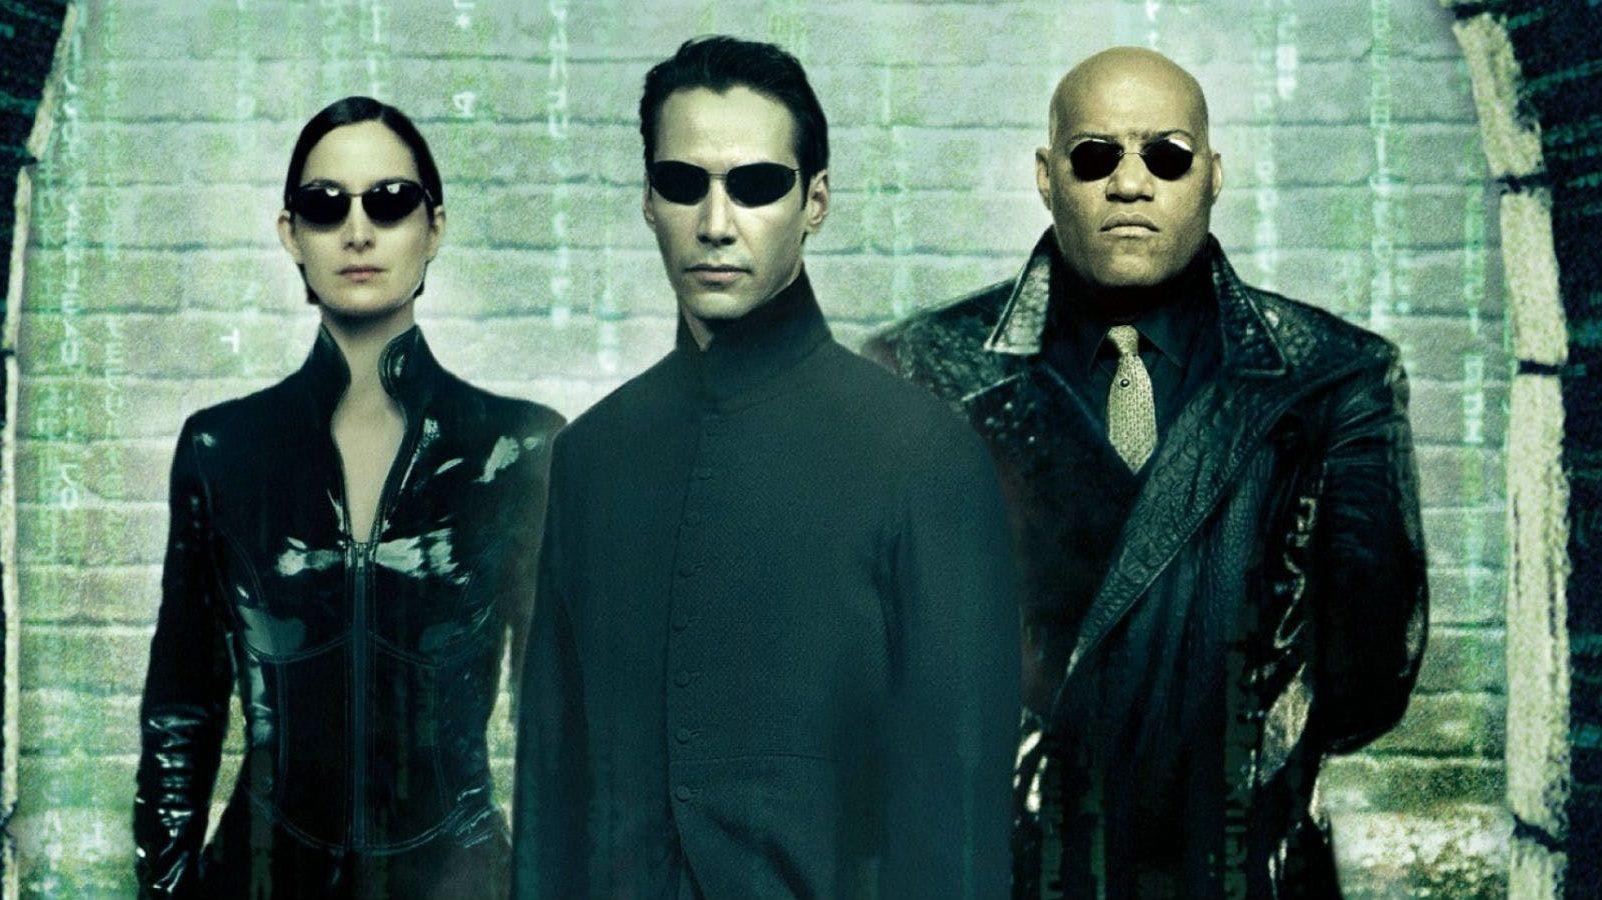 A 'história maravilhosa' do roteiro de Matrix 4 foi o motivo pelo qual Keanu Reeves aceitou voltar a franquia.